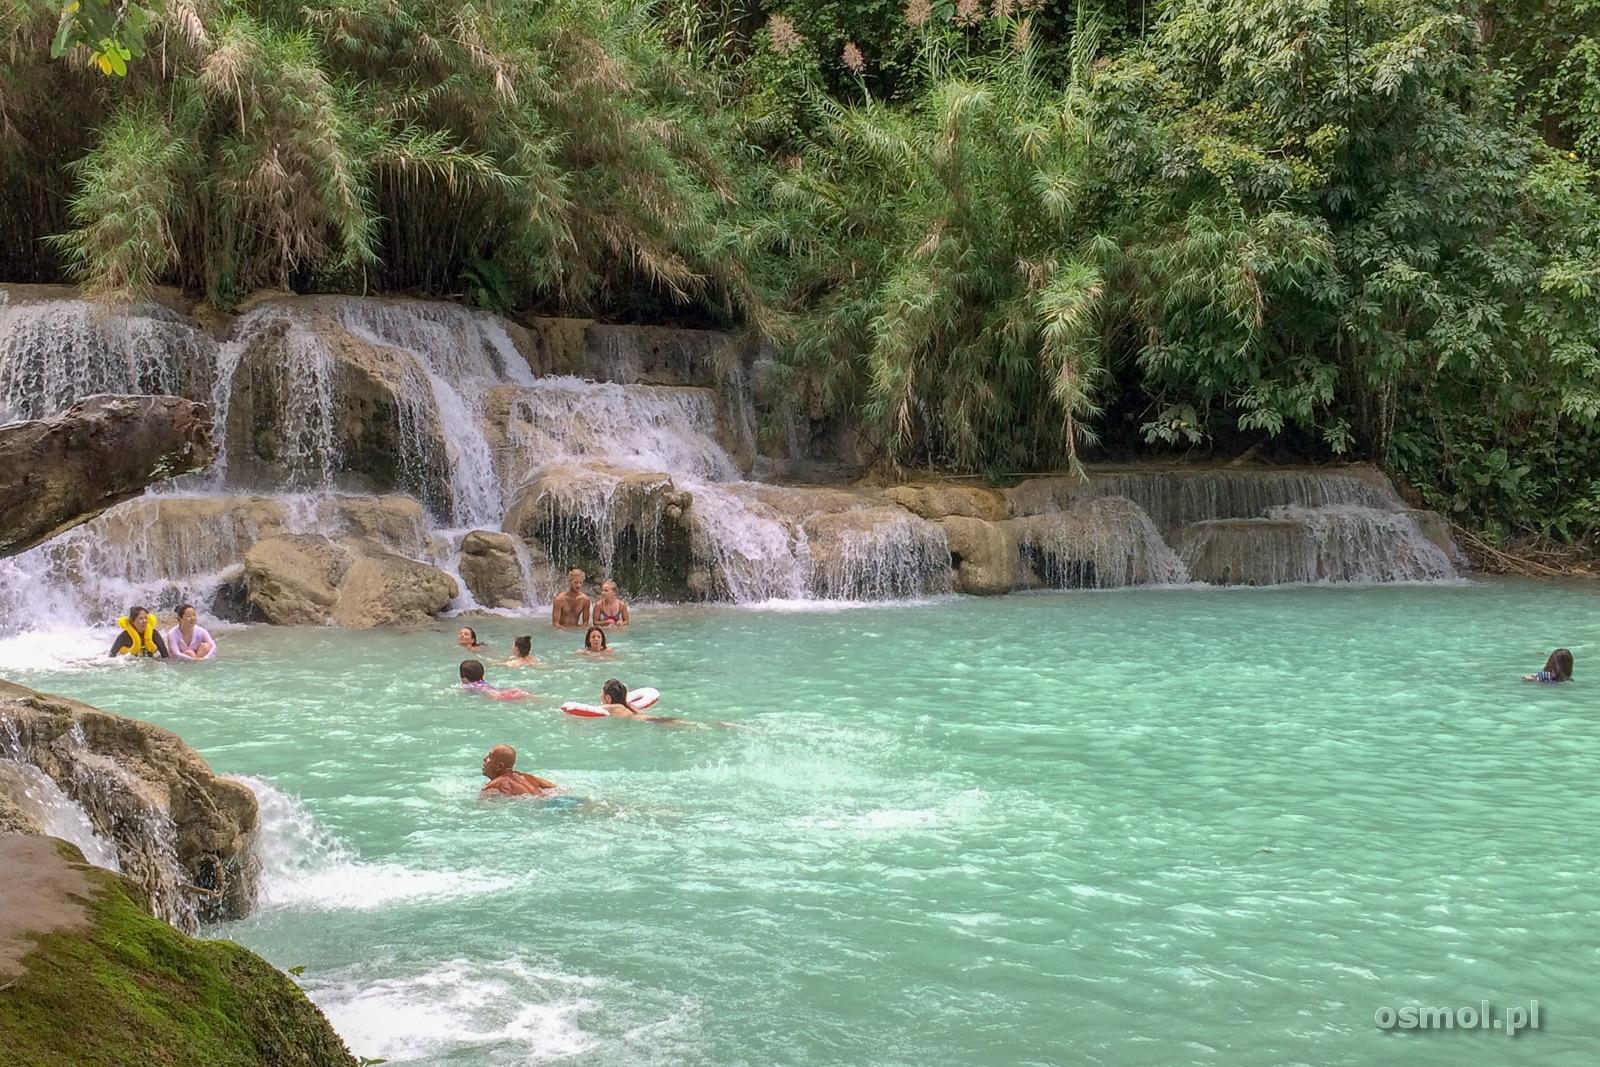 Kąpiel w wodospadzie Kuang Si